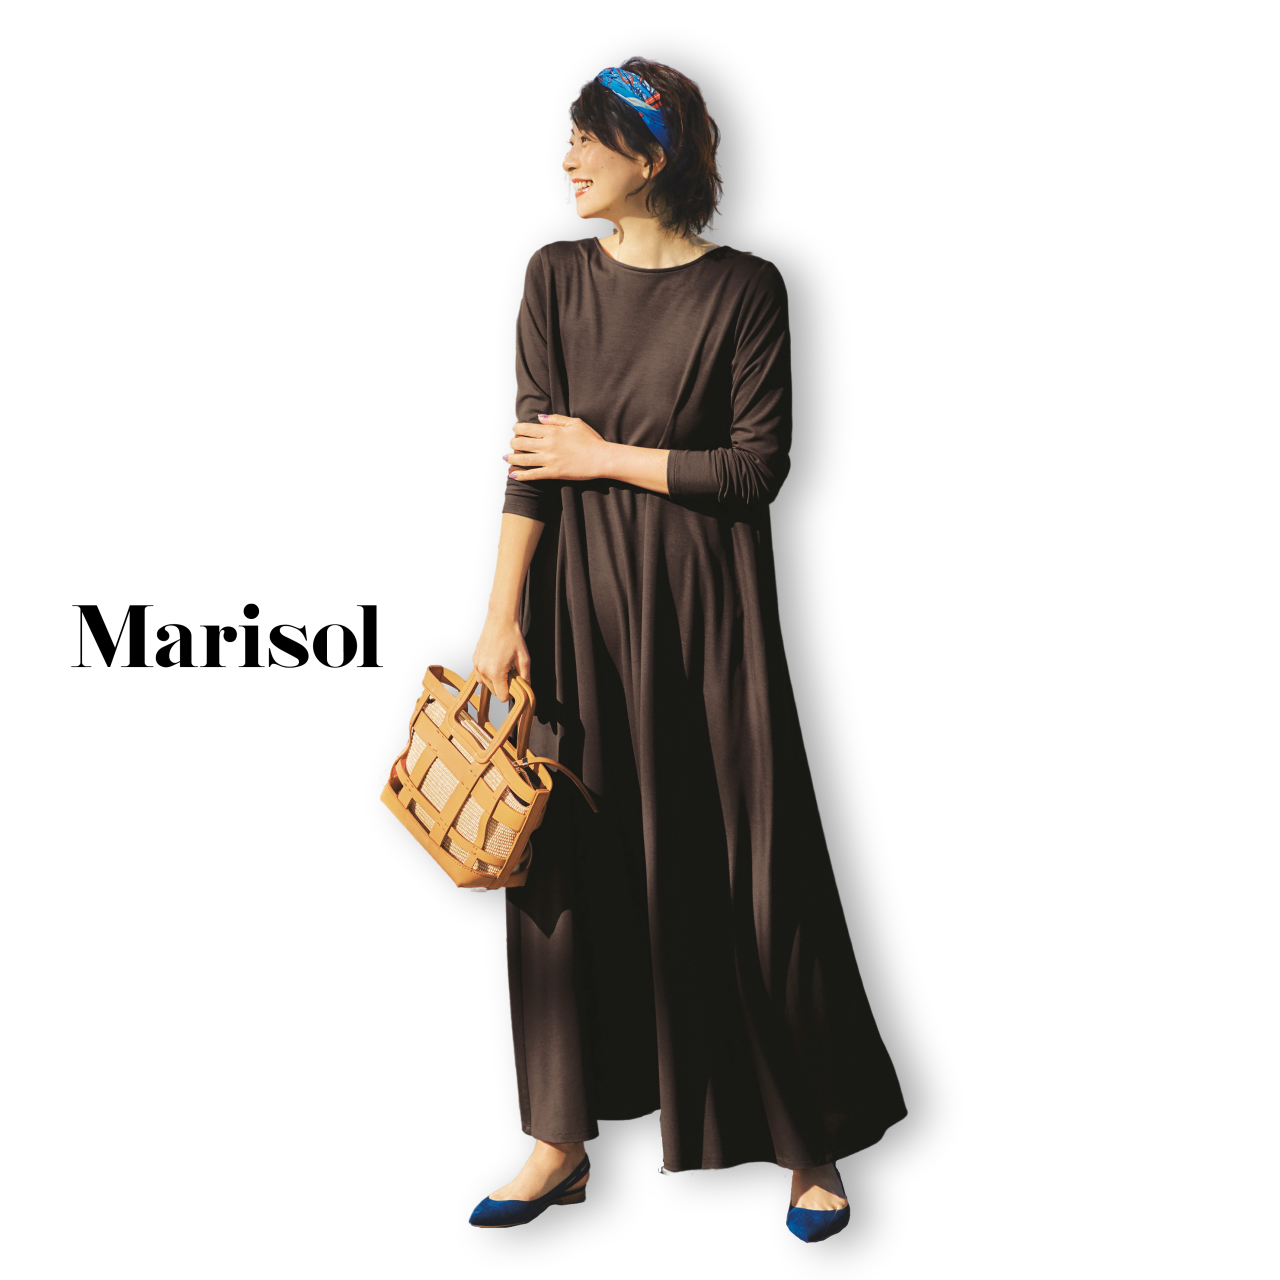 40代ファッション ブラウンマキシ丈ワンピースコーデ